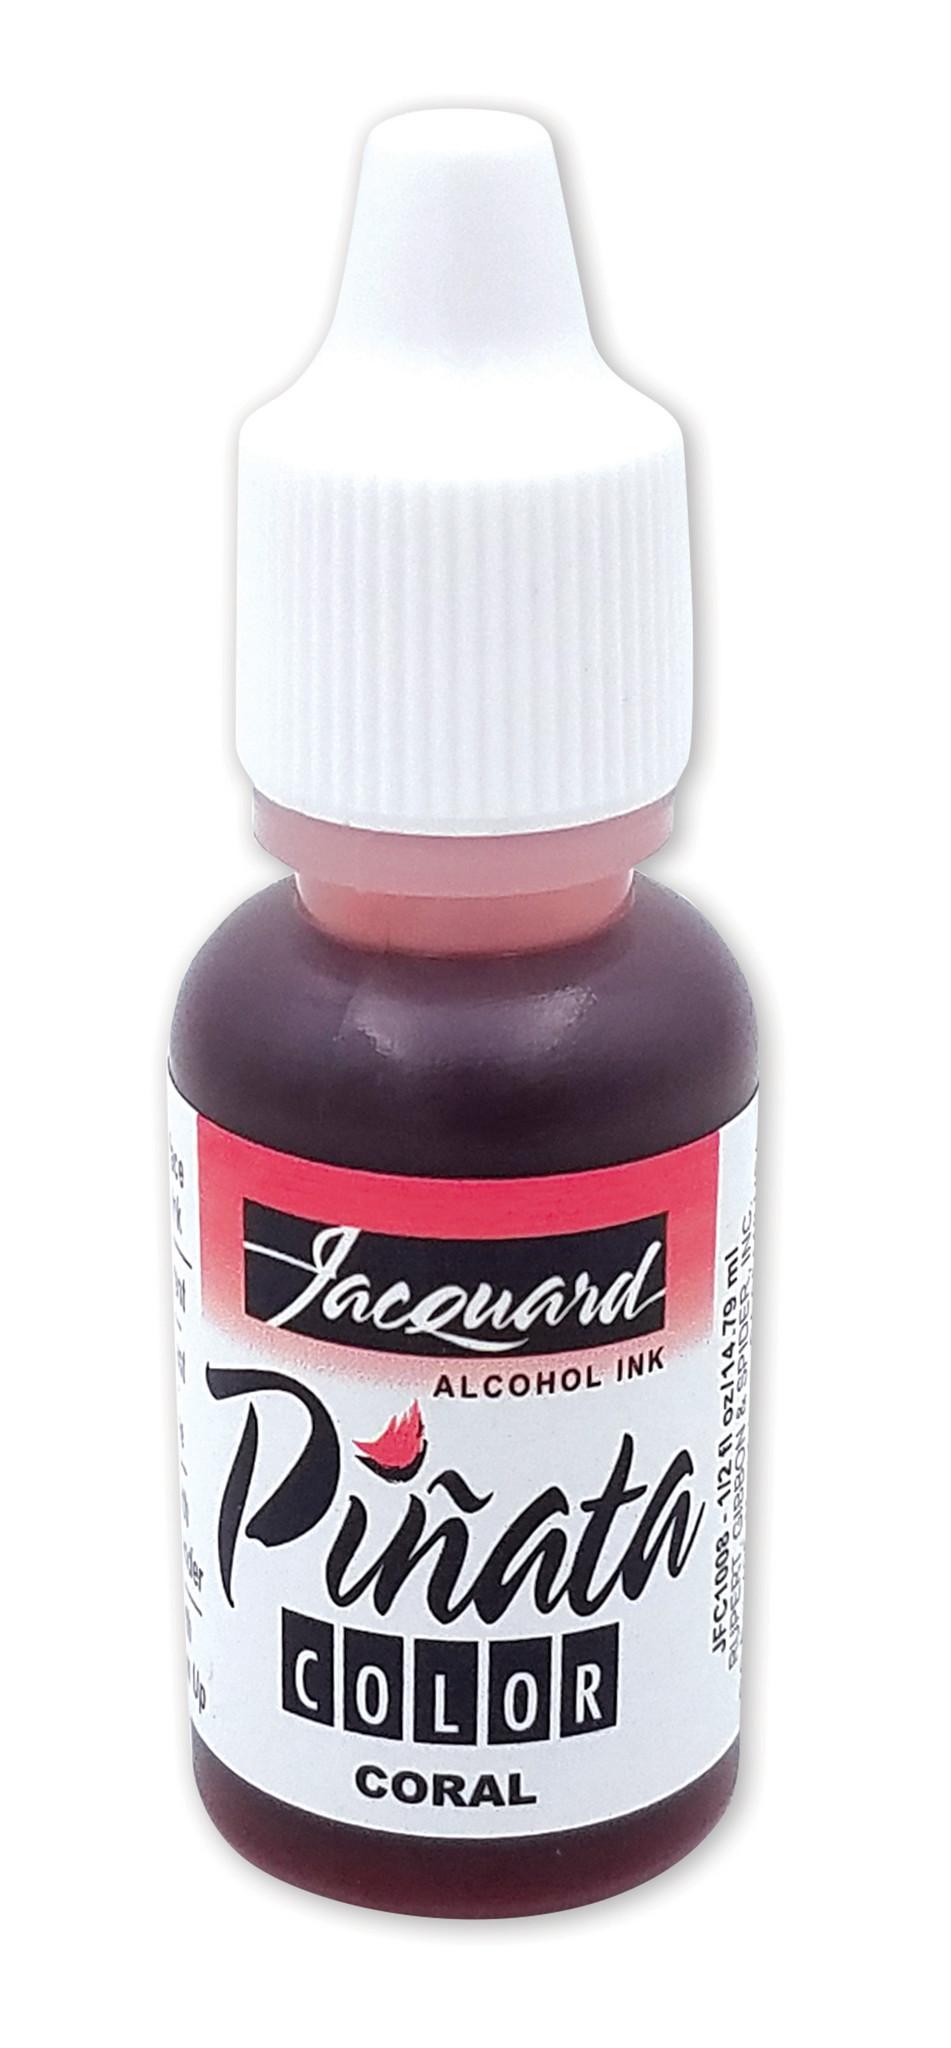 JACQUARD PİNATA ALCOHOL INK 14,79ML  CORAL